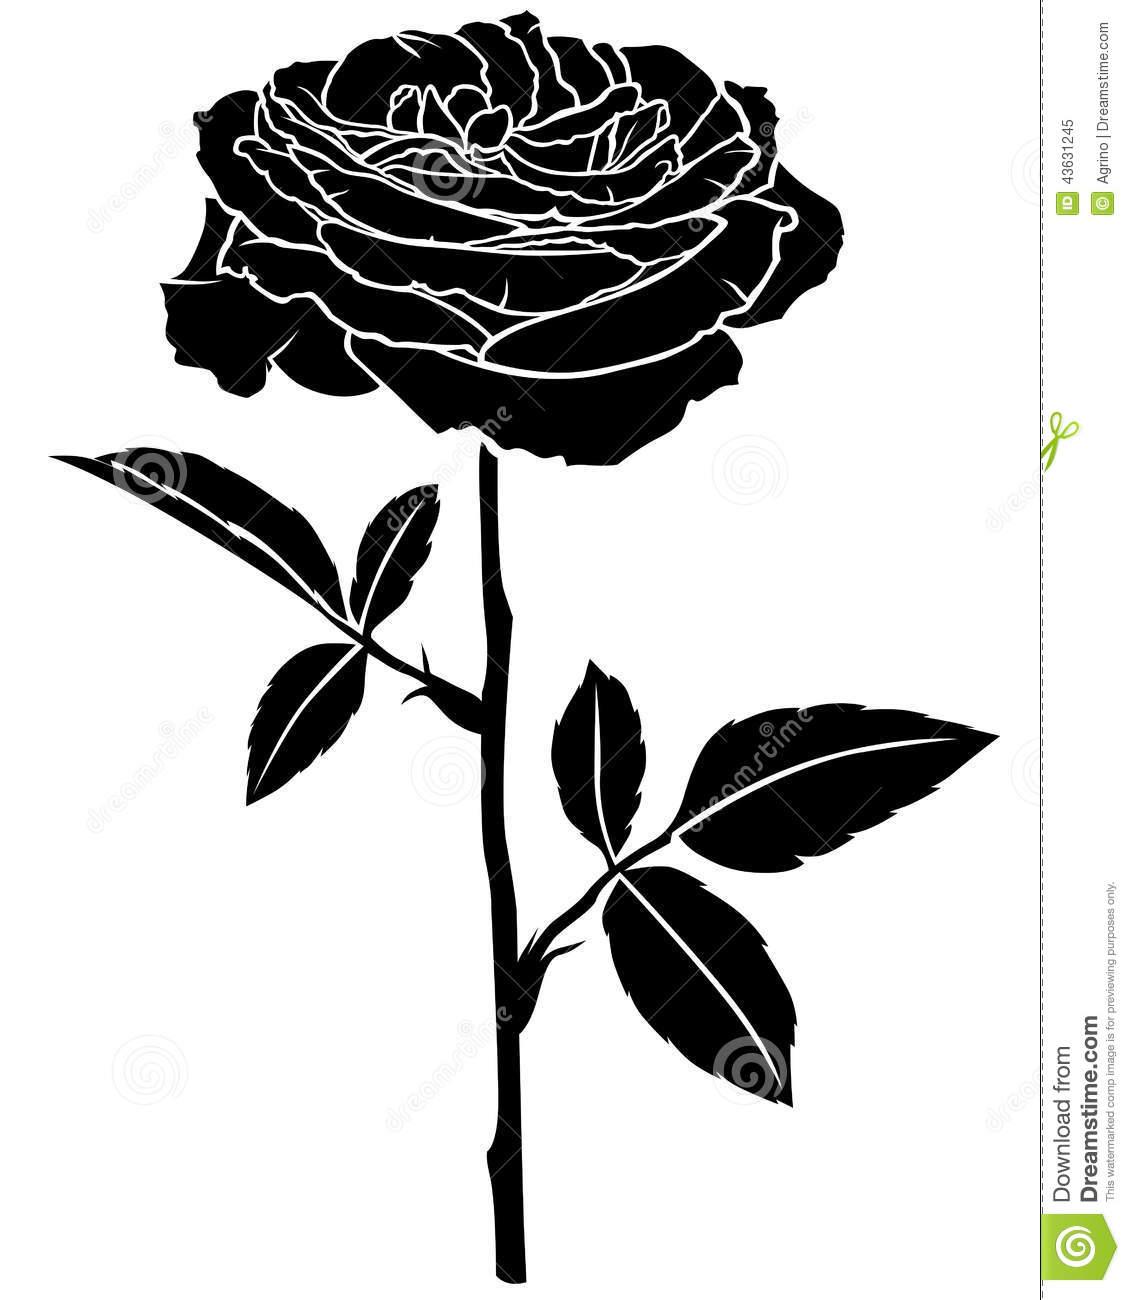 1130x1300 Rose Flower Silhouette Stock Vector